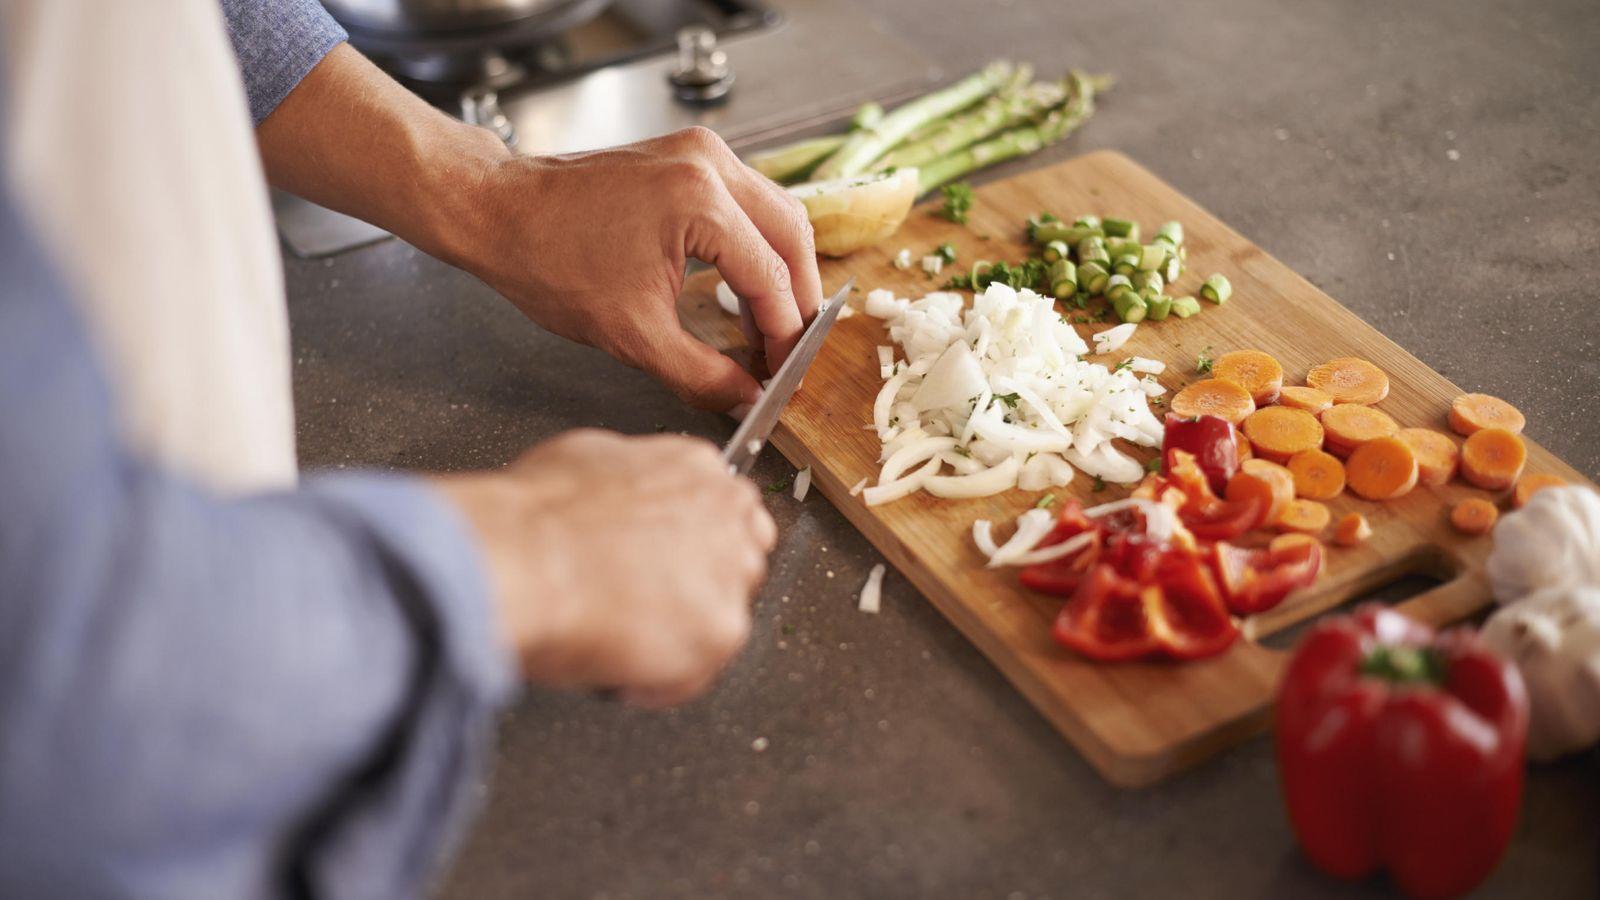 Foto: Las verduras deben estar siempre presentes en nuestra dieta. (iStock)